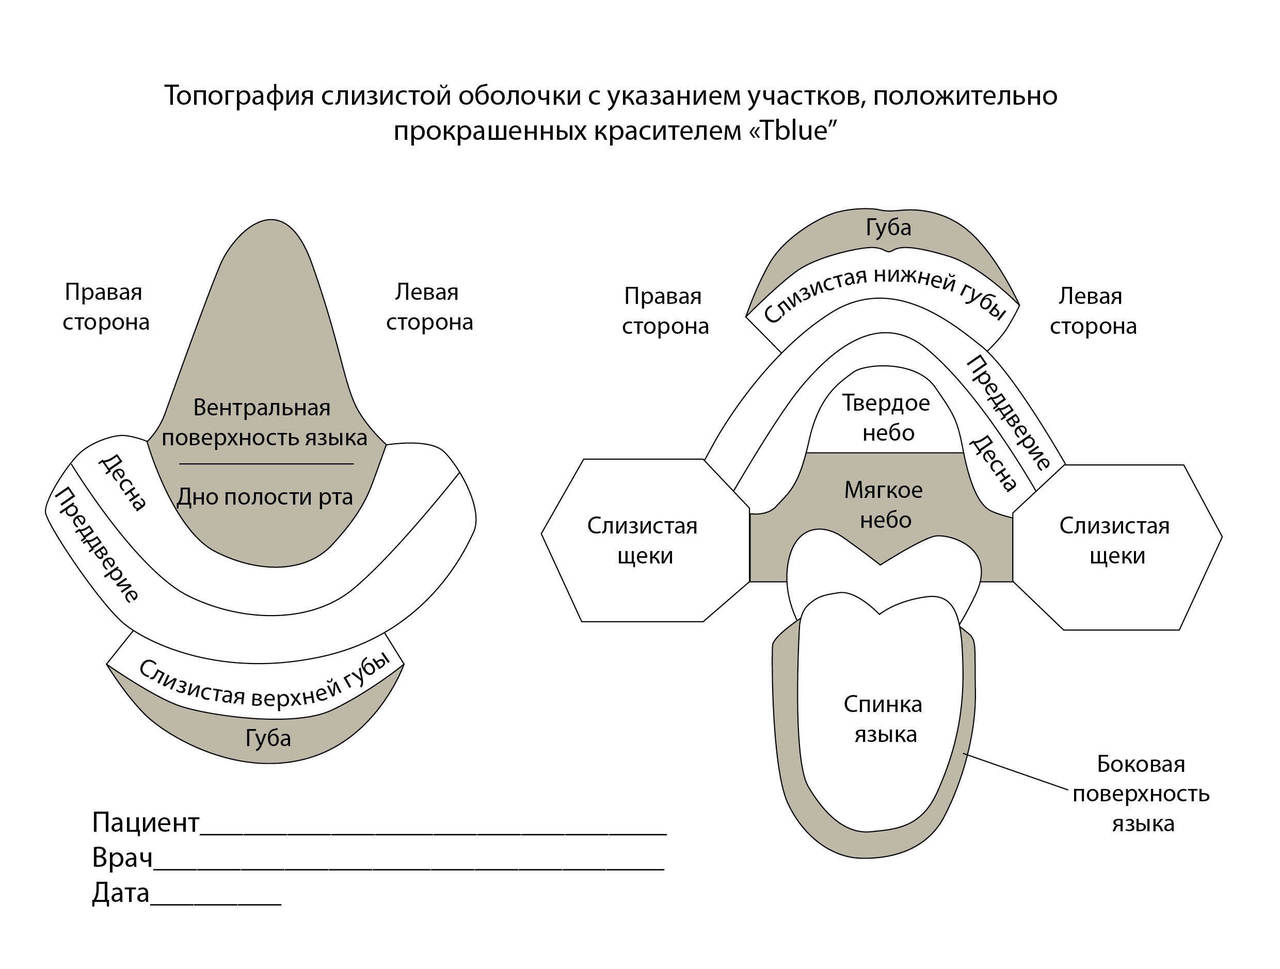 Рис. 11. Топографическая карта полости рта для онкоскрининга.